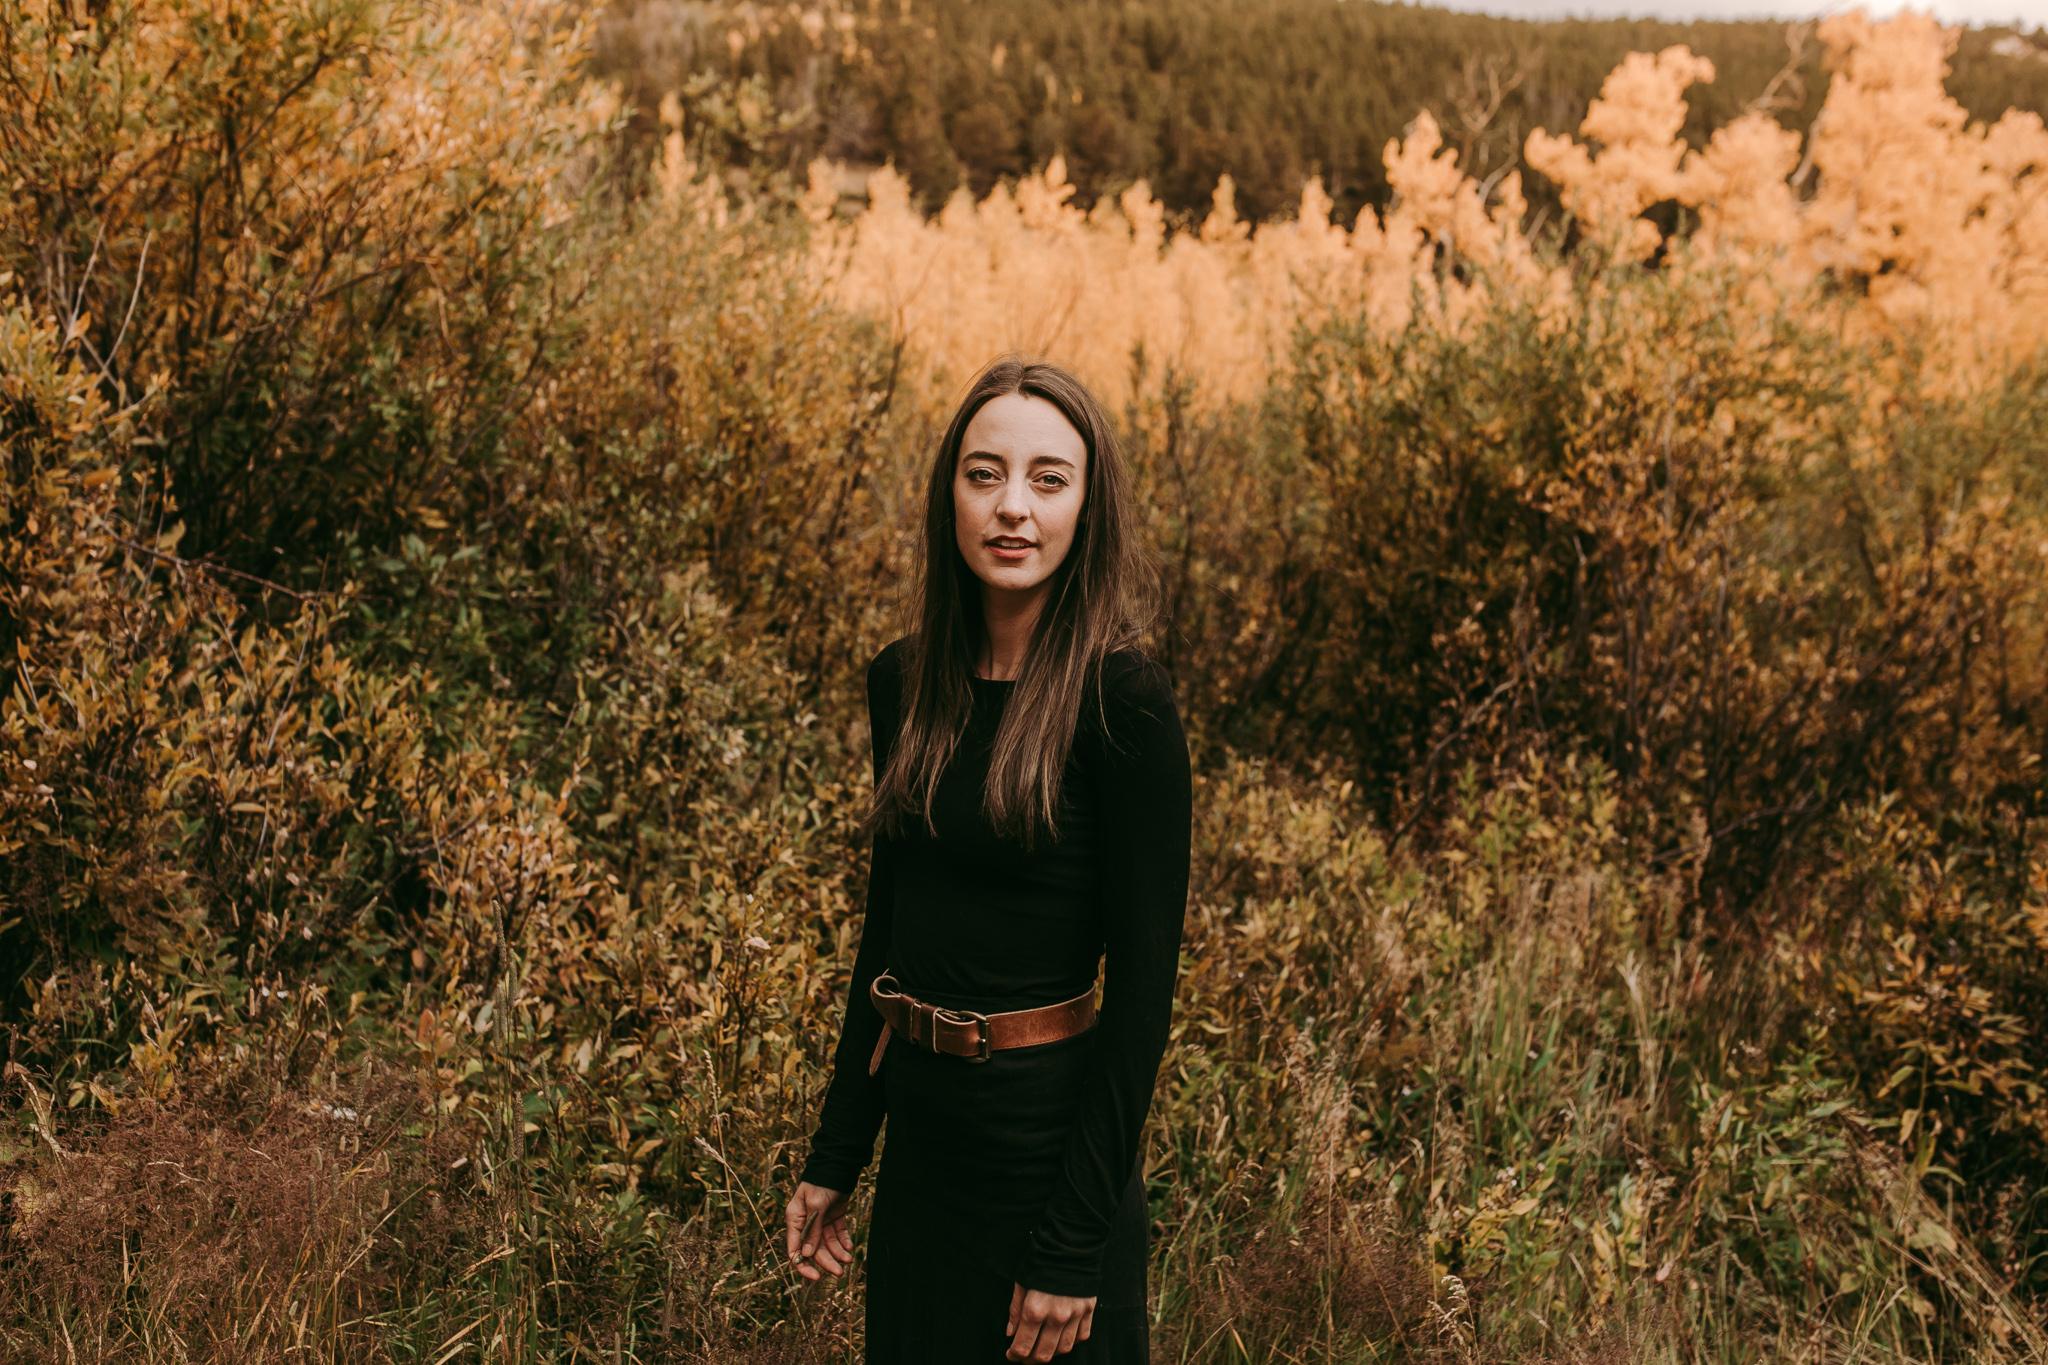 Claire - Portrait